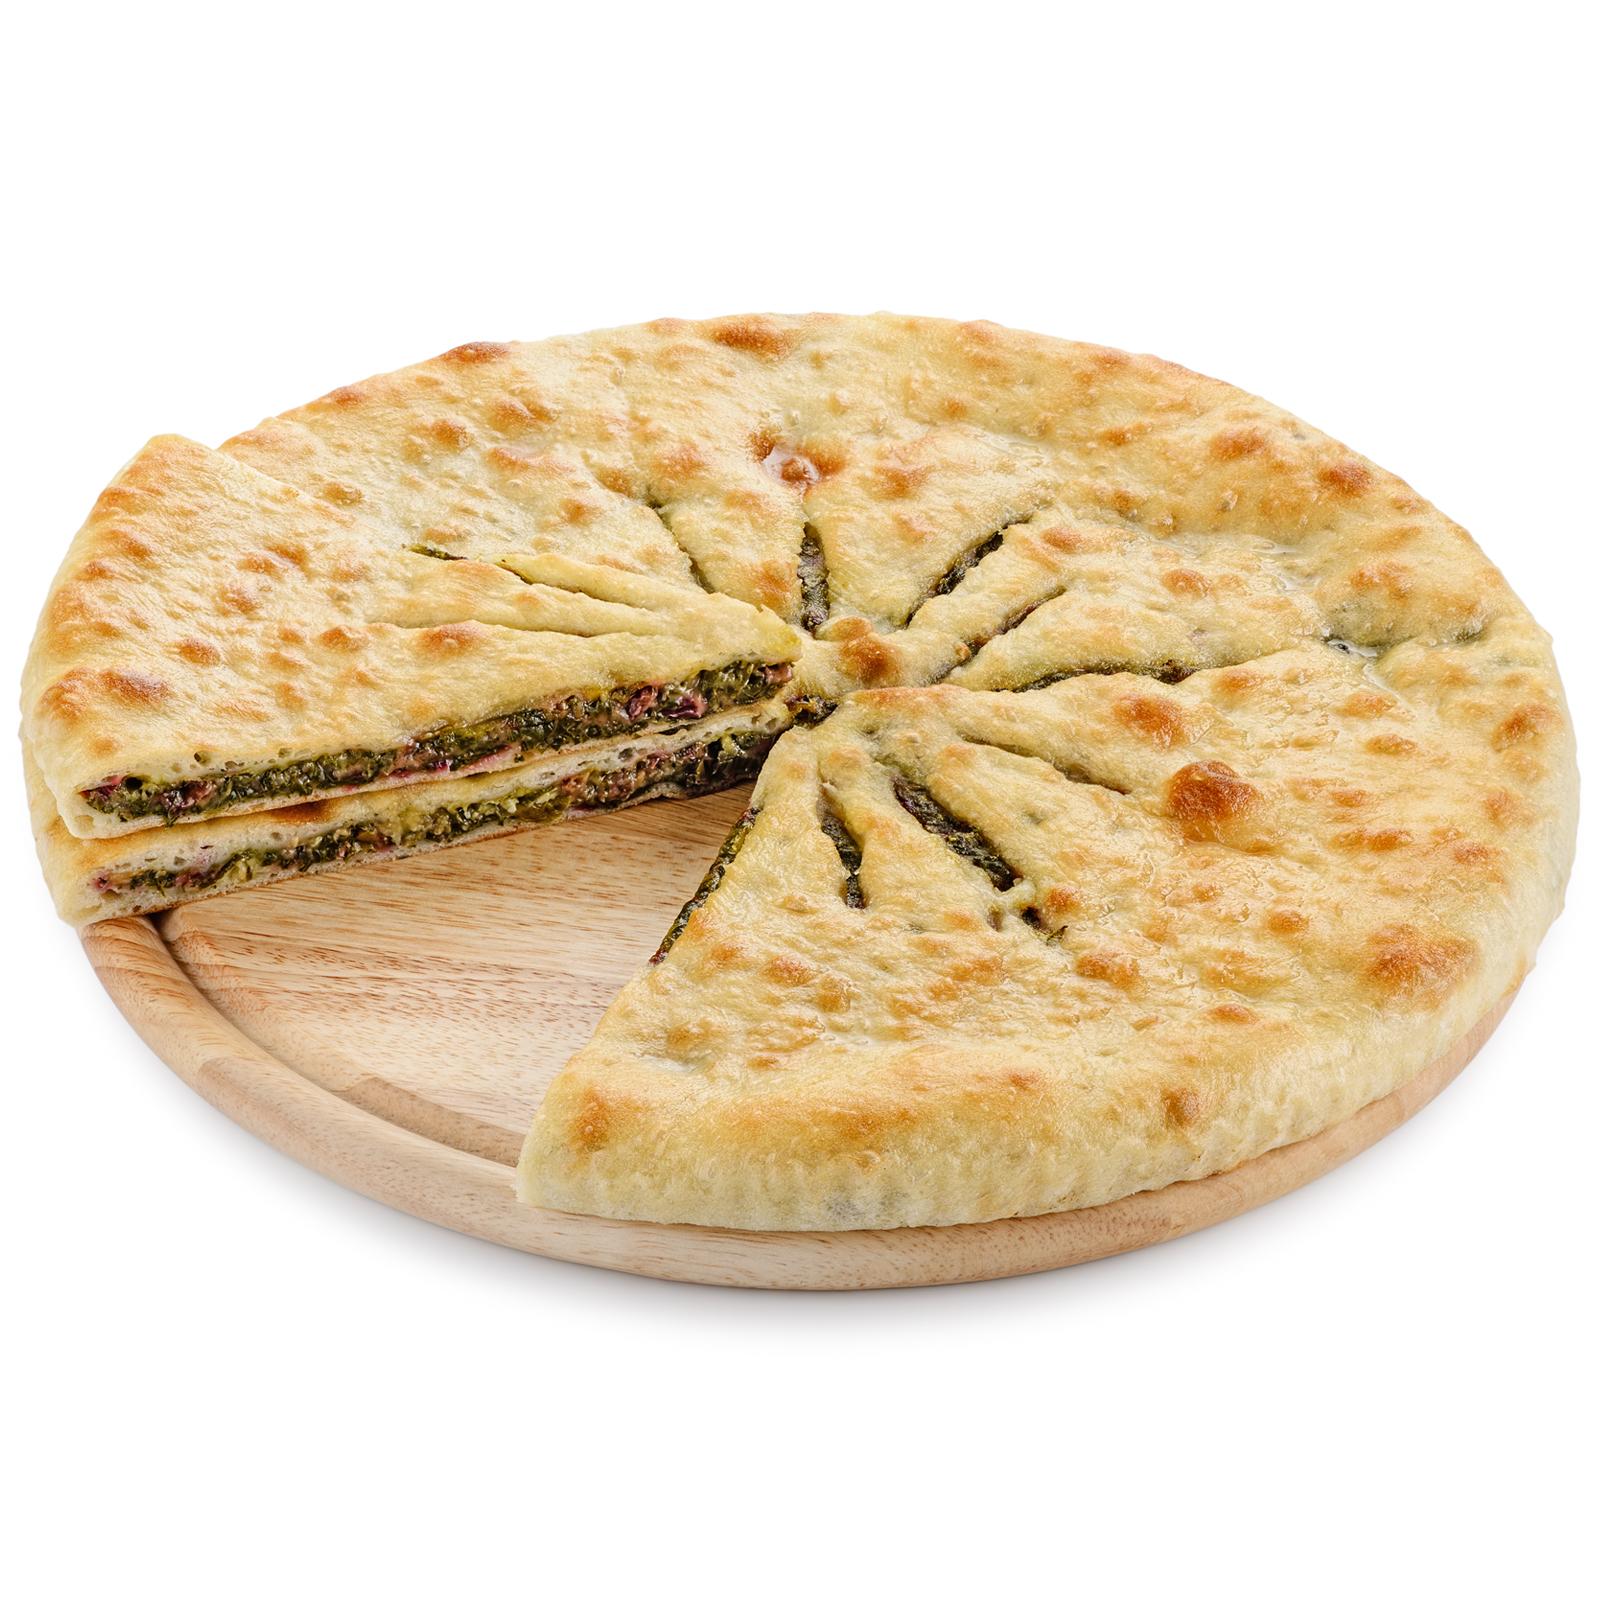 Пирог осетинский со свекольными листьями